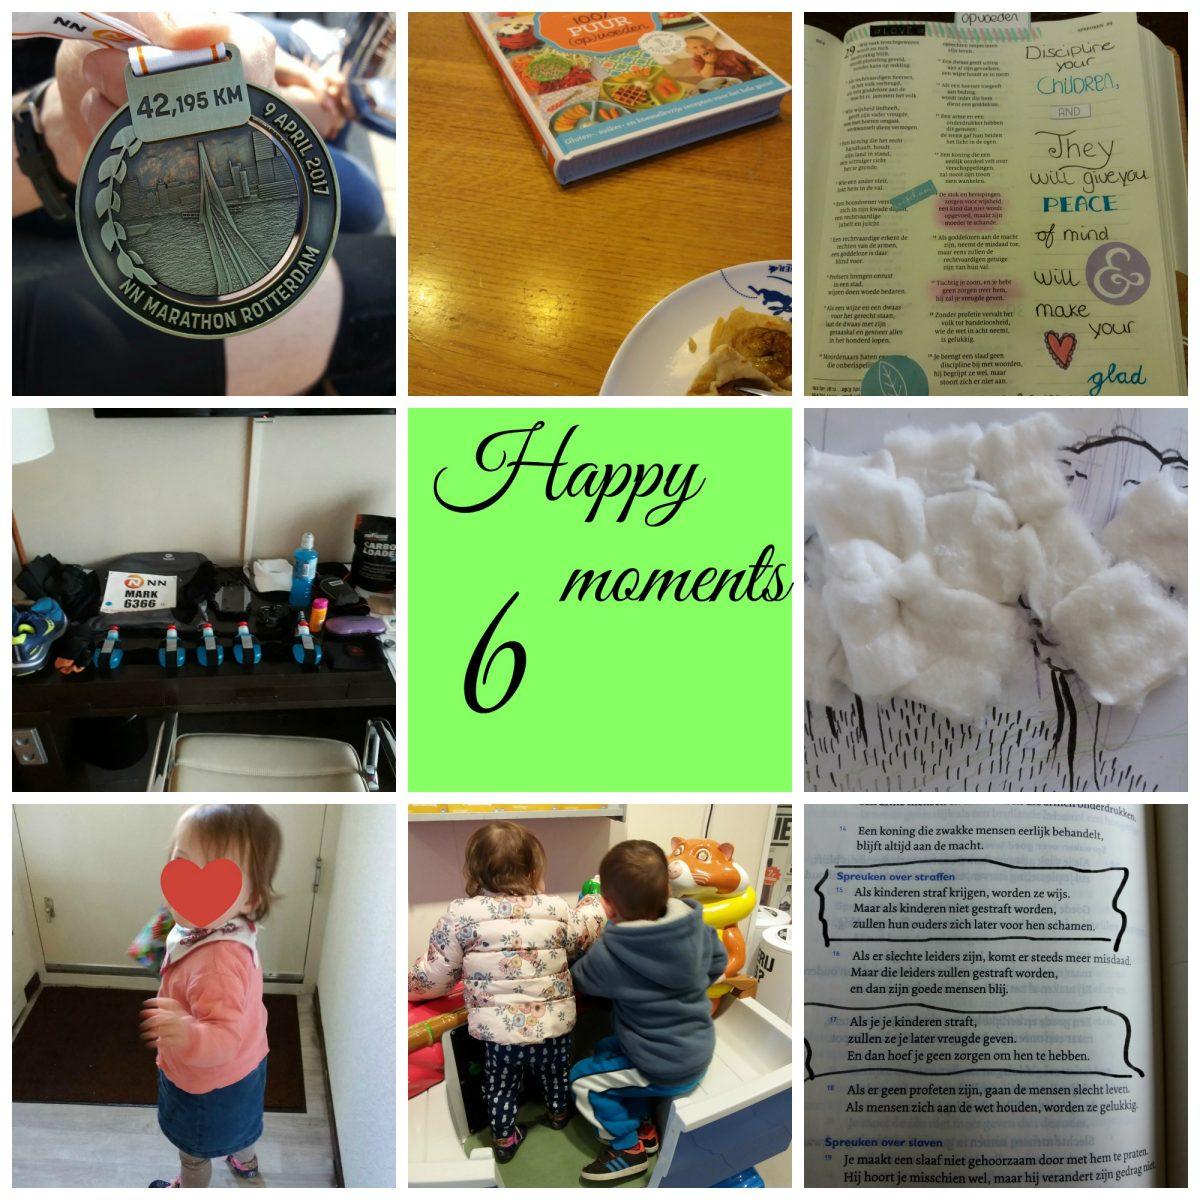 Happy moments: knutselen, spelletjes en de marathon